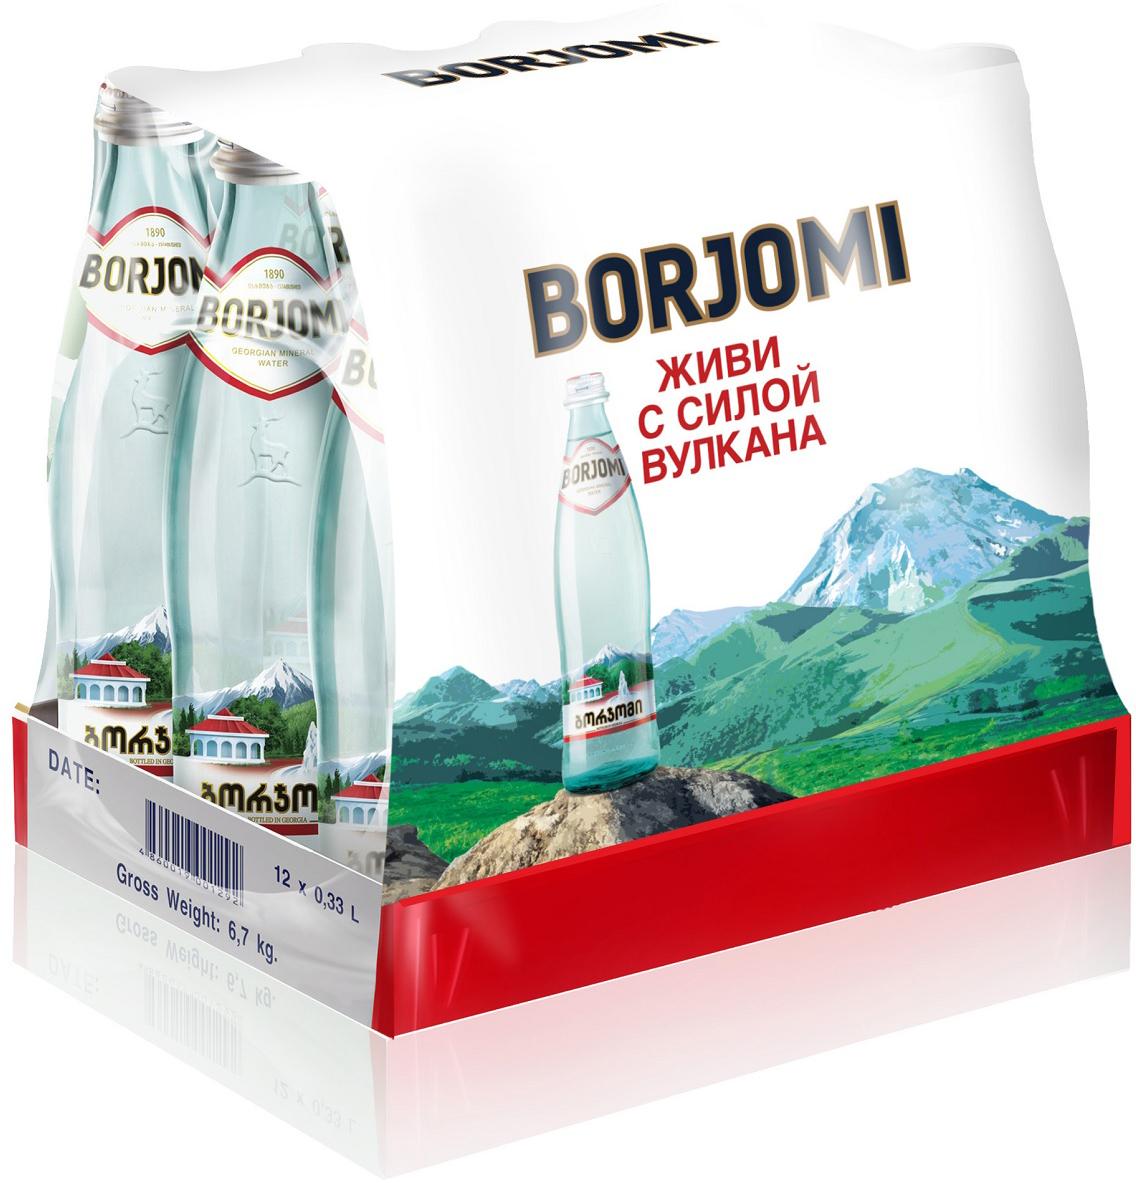 Вода Borjomi природная гидрокарбонатно-натриевая минеральная, 12 шт по 0,33 л4860019001292Borjomi - природная гидрокарбонатно-натриевая минеральная вода с минерализацией 5,0-7,5 г/л. Рожденная в недрах Кавказских гор, она бьет из земли горячим ключом в долине Боржоми, на территории крупнейшего в Европе Грузинского Национального парка Боржоми-Харагаули. Благодаря уникальному комплексу минералов вулканического происхождения, эта природная минеральная вода действует как душ изнутри и прекрасно очищает организм.Зарождаясь на глубине 8000 м и поднимаясь сквозь слои вулканических пород, вода Borjomi насыщается природной композицией из более чем 60 полезных минералов.Разлито на месте добычи из Боржомского месторождения минеральных вод (скв.№25Э,41р).Показания по лечебному применению: болезни пищевода, хронический гастритс нормальной и повышенной секреторной функцией желудка, язвенная болезньжелудка и двенадцатиперстной кишки, болезни кишечника, болезни печени,желчного пузыря и желчевыводящих путей, болезни поджелудочной железы,нарушение органов пищеварения после оперативных вмешательств по поводуязвенной болезни желудка, постхолецистэктомические синдромы, болезниобмена веществ: сахарный диабет, ожирение, болезни мочевыводящих путей.При вышеуказанных заболеваниях применяется только вне фазы обострения.Уважаемые клиенты! Обращаем ваше внимание на то, что упаковка может иметь несколько видов дизайна. Поставка осуществляется в зависимости от наличия на складе.Сколько нужно пить воды: мнение диетолога. Статья OZON Гид